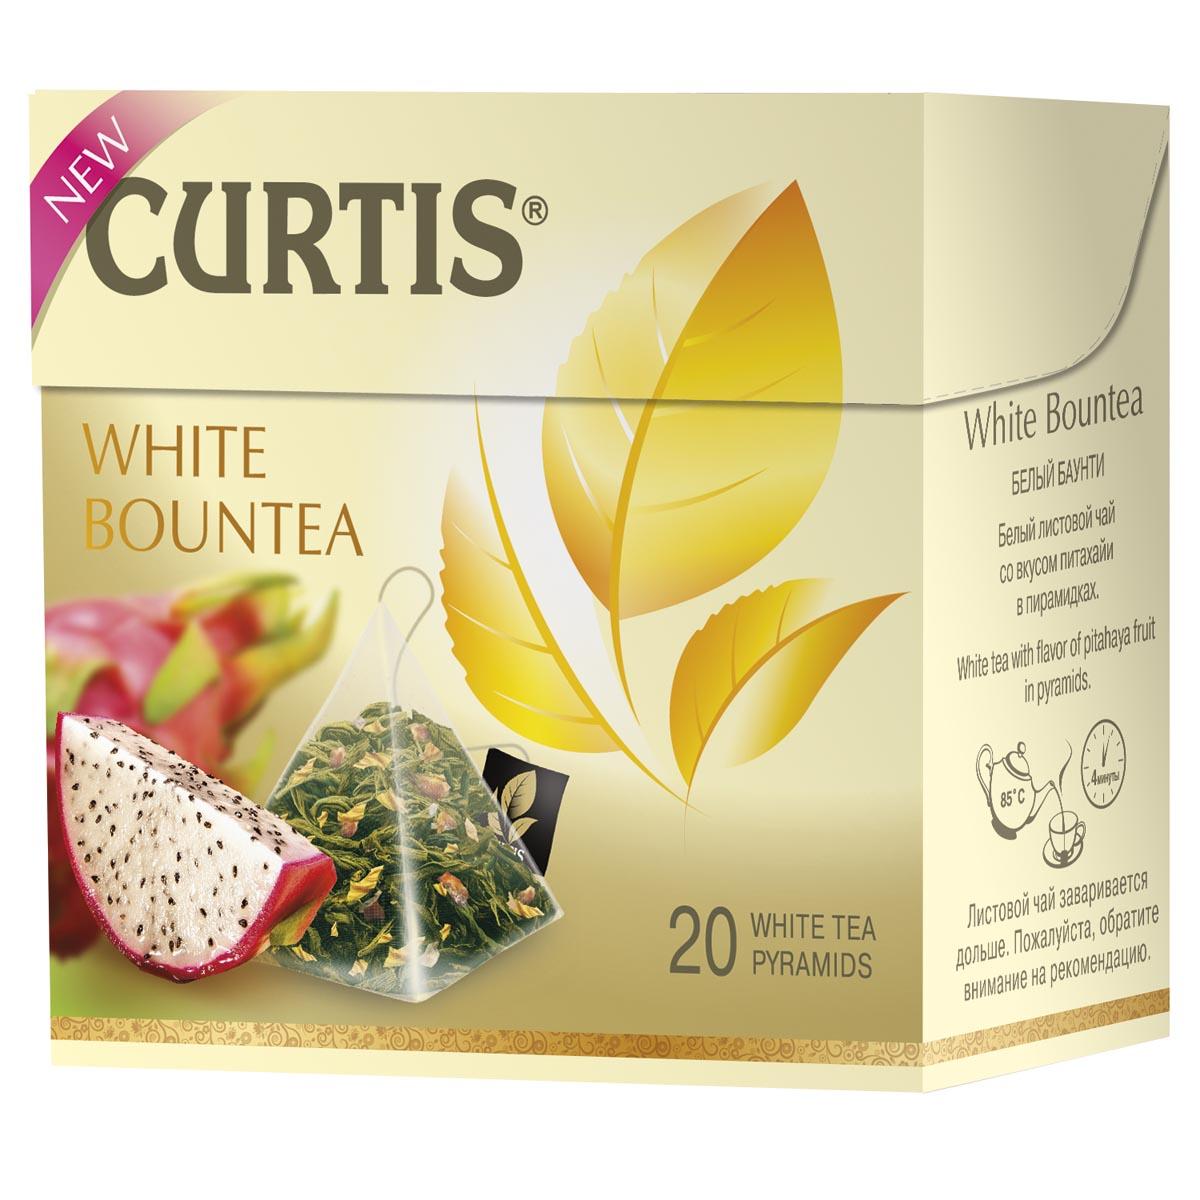 Curtis White Bountea белый чай в пирамидках, 20 шт0120710Обновленный купаж листового белого чая с волнующим тропическим ароматом и сладкими нотками питахайи - незабываемое путешествие на далекие экзотические острова. Чай обладает великолепным вкусом, тонким и немного сладковатым, а также приятным ароматом.